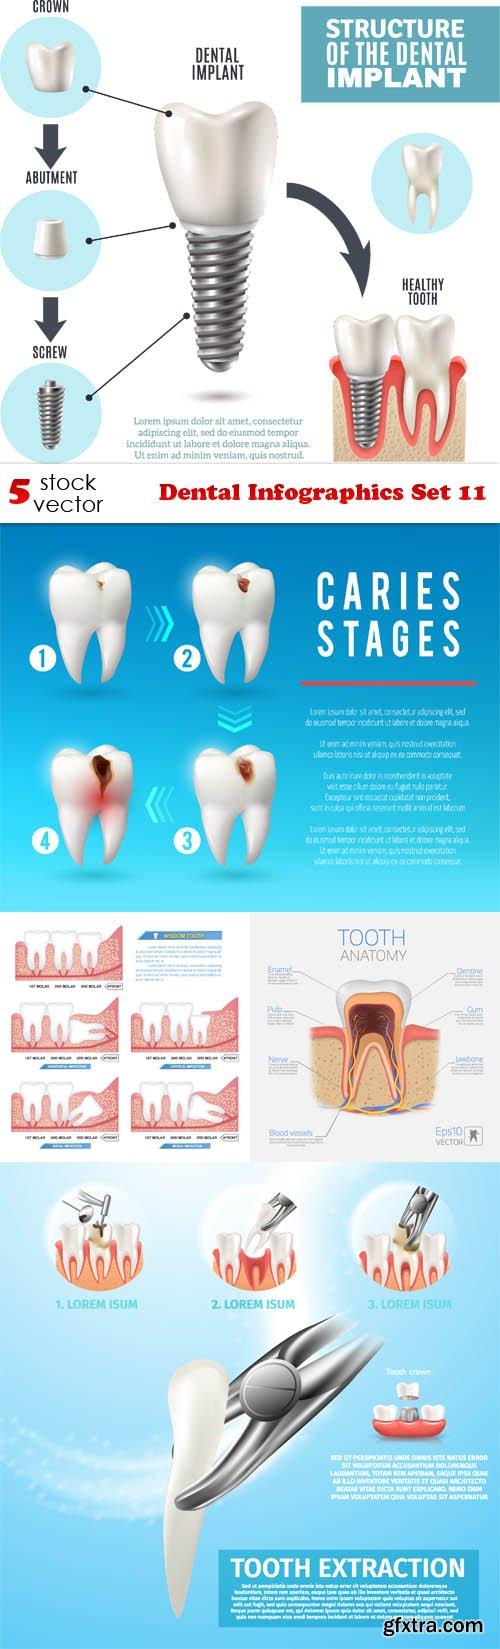 Vectors - Dental Infographics Set 11